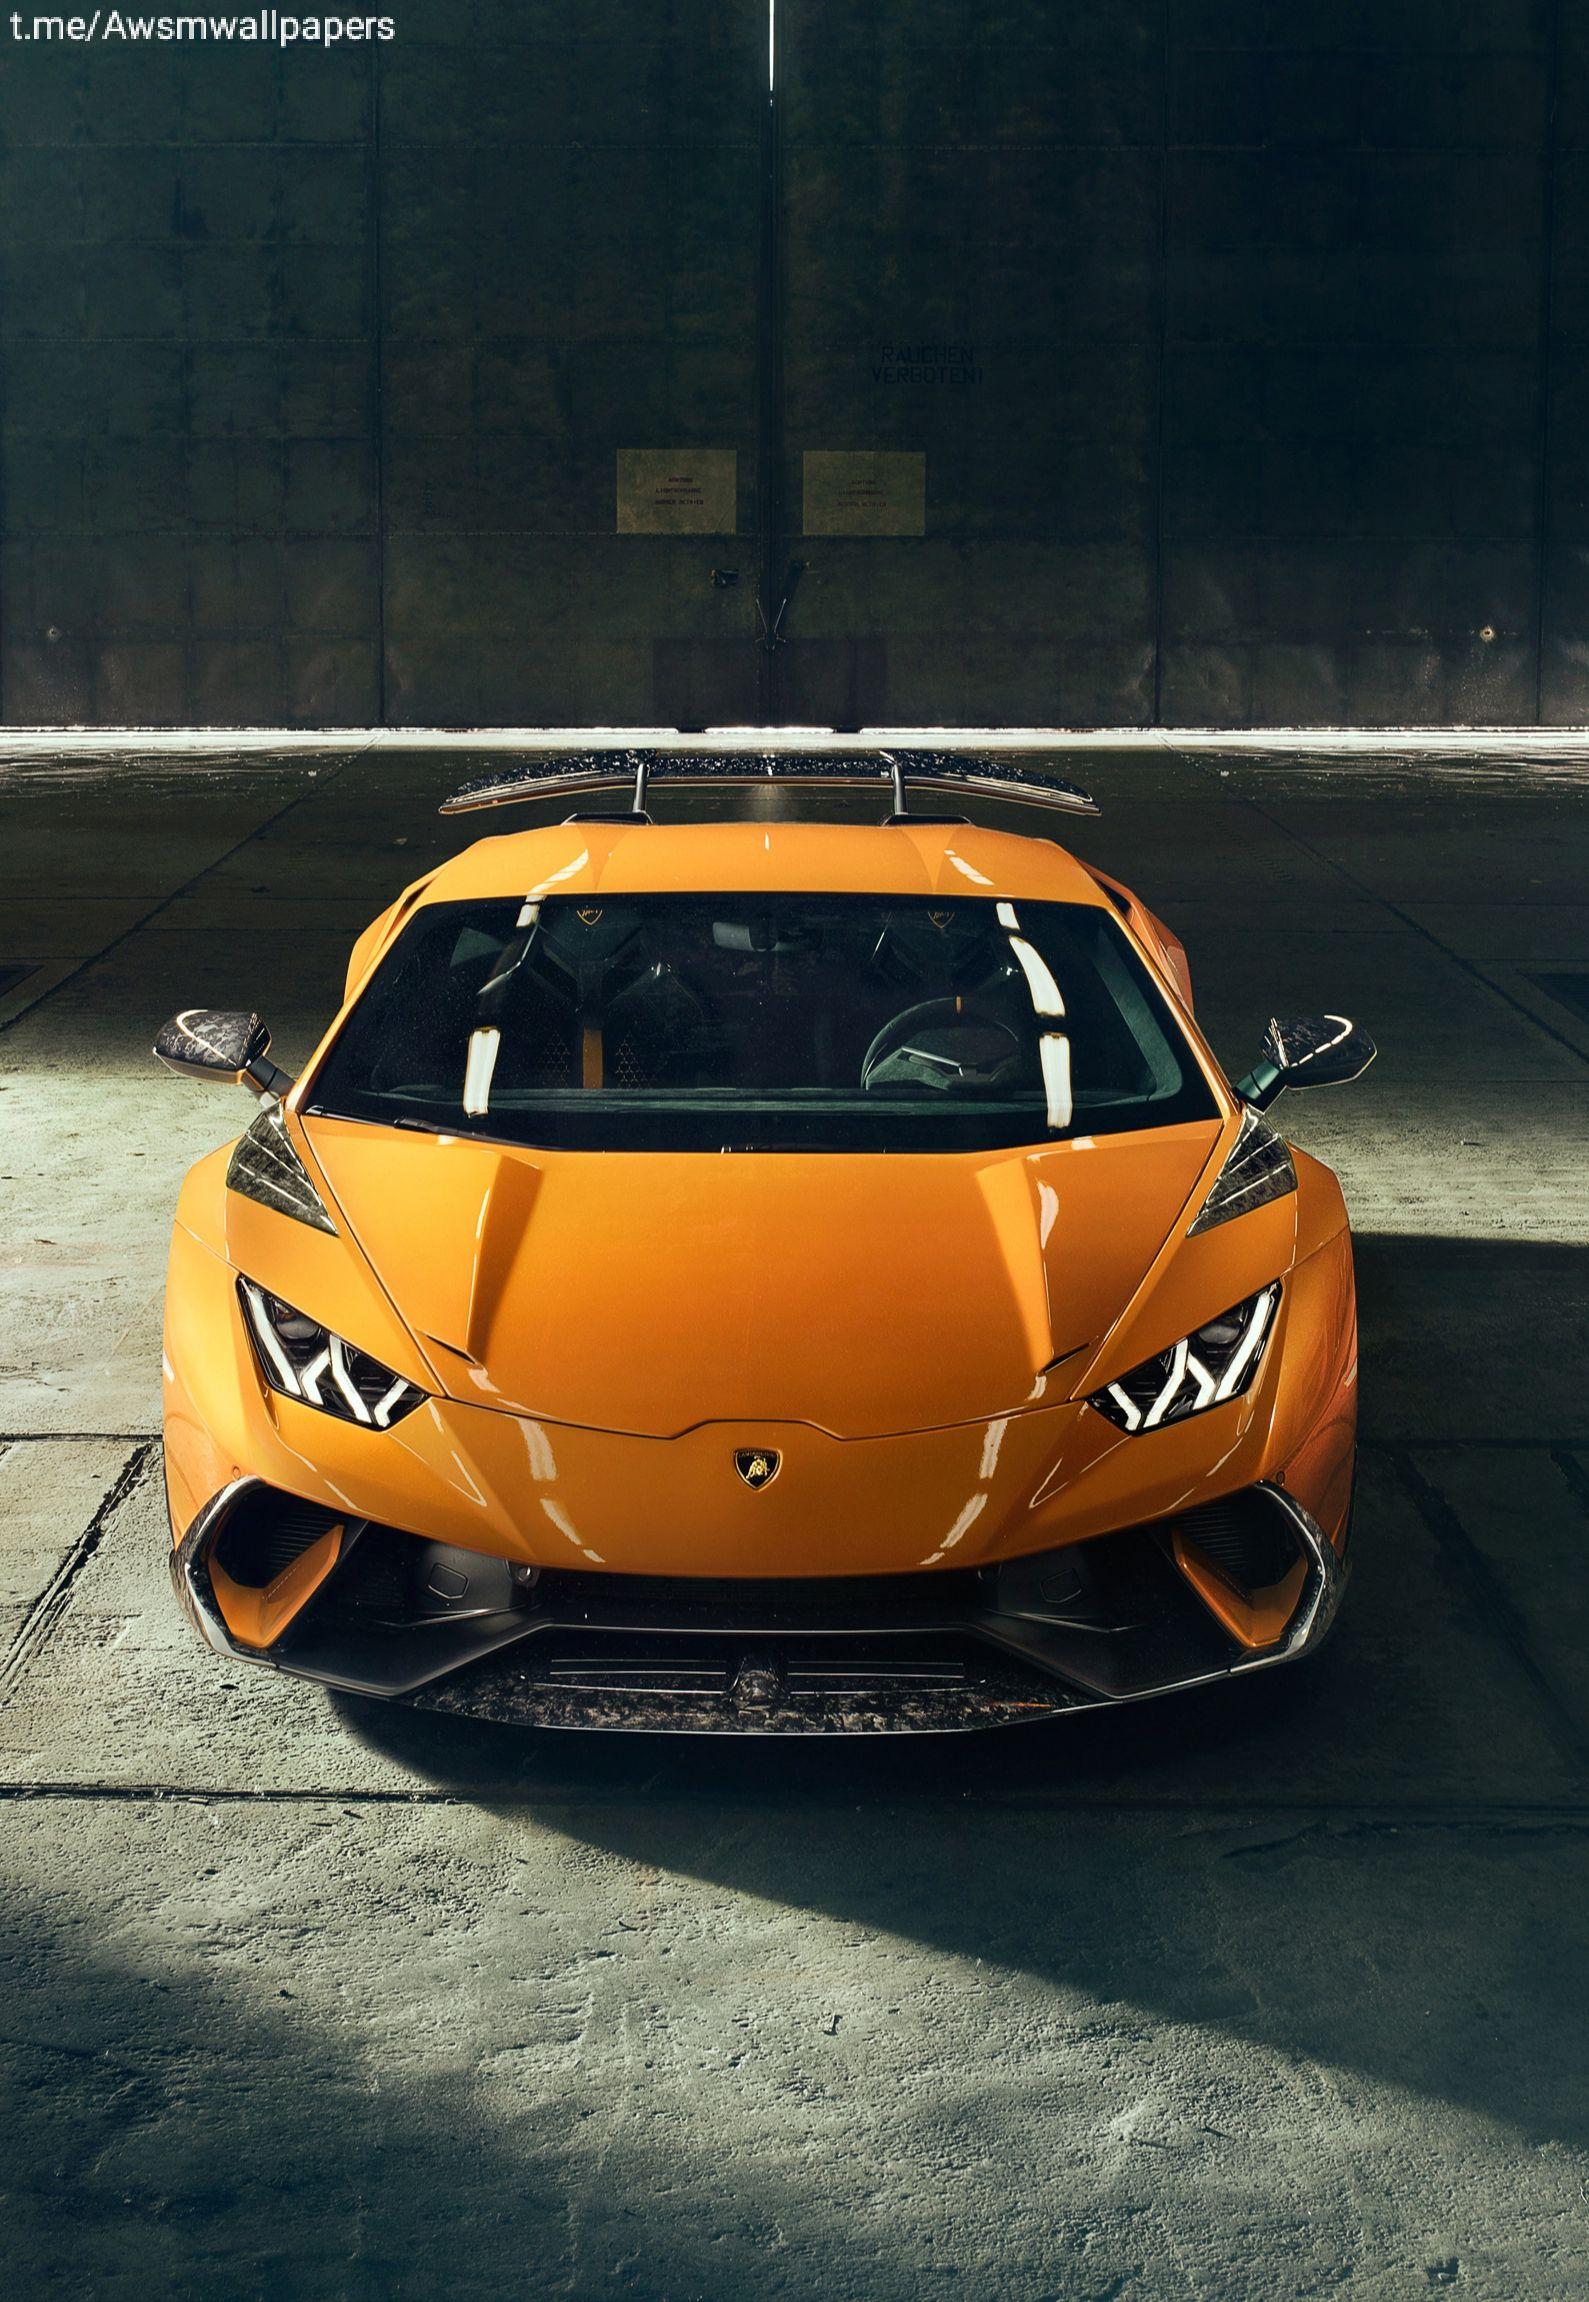 Car Hd Wallpapers Carros De Luxo Super Carros Carros